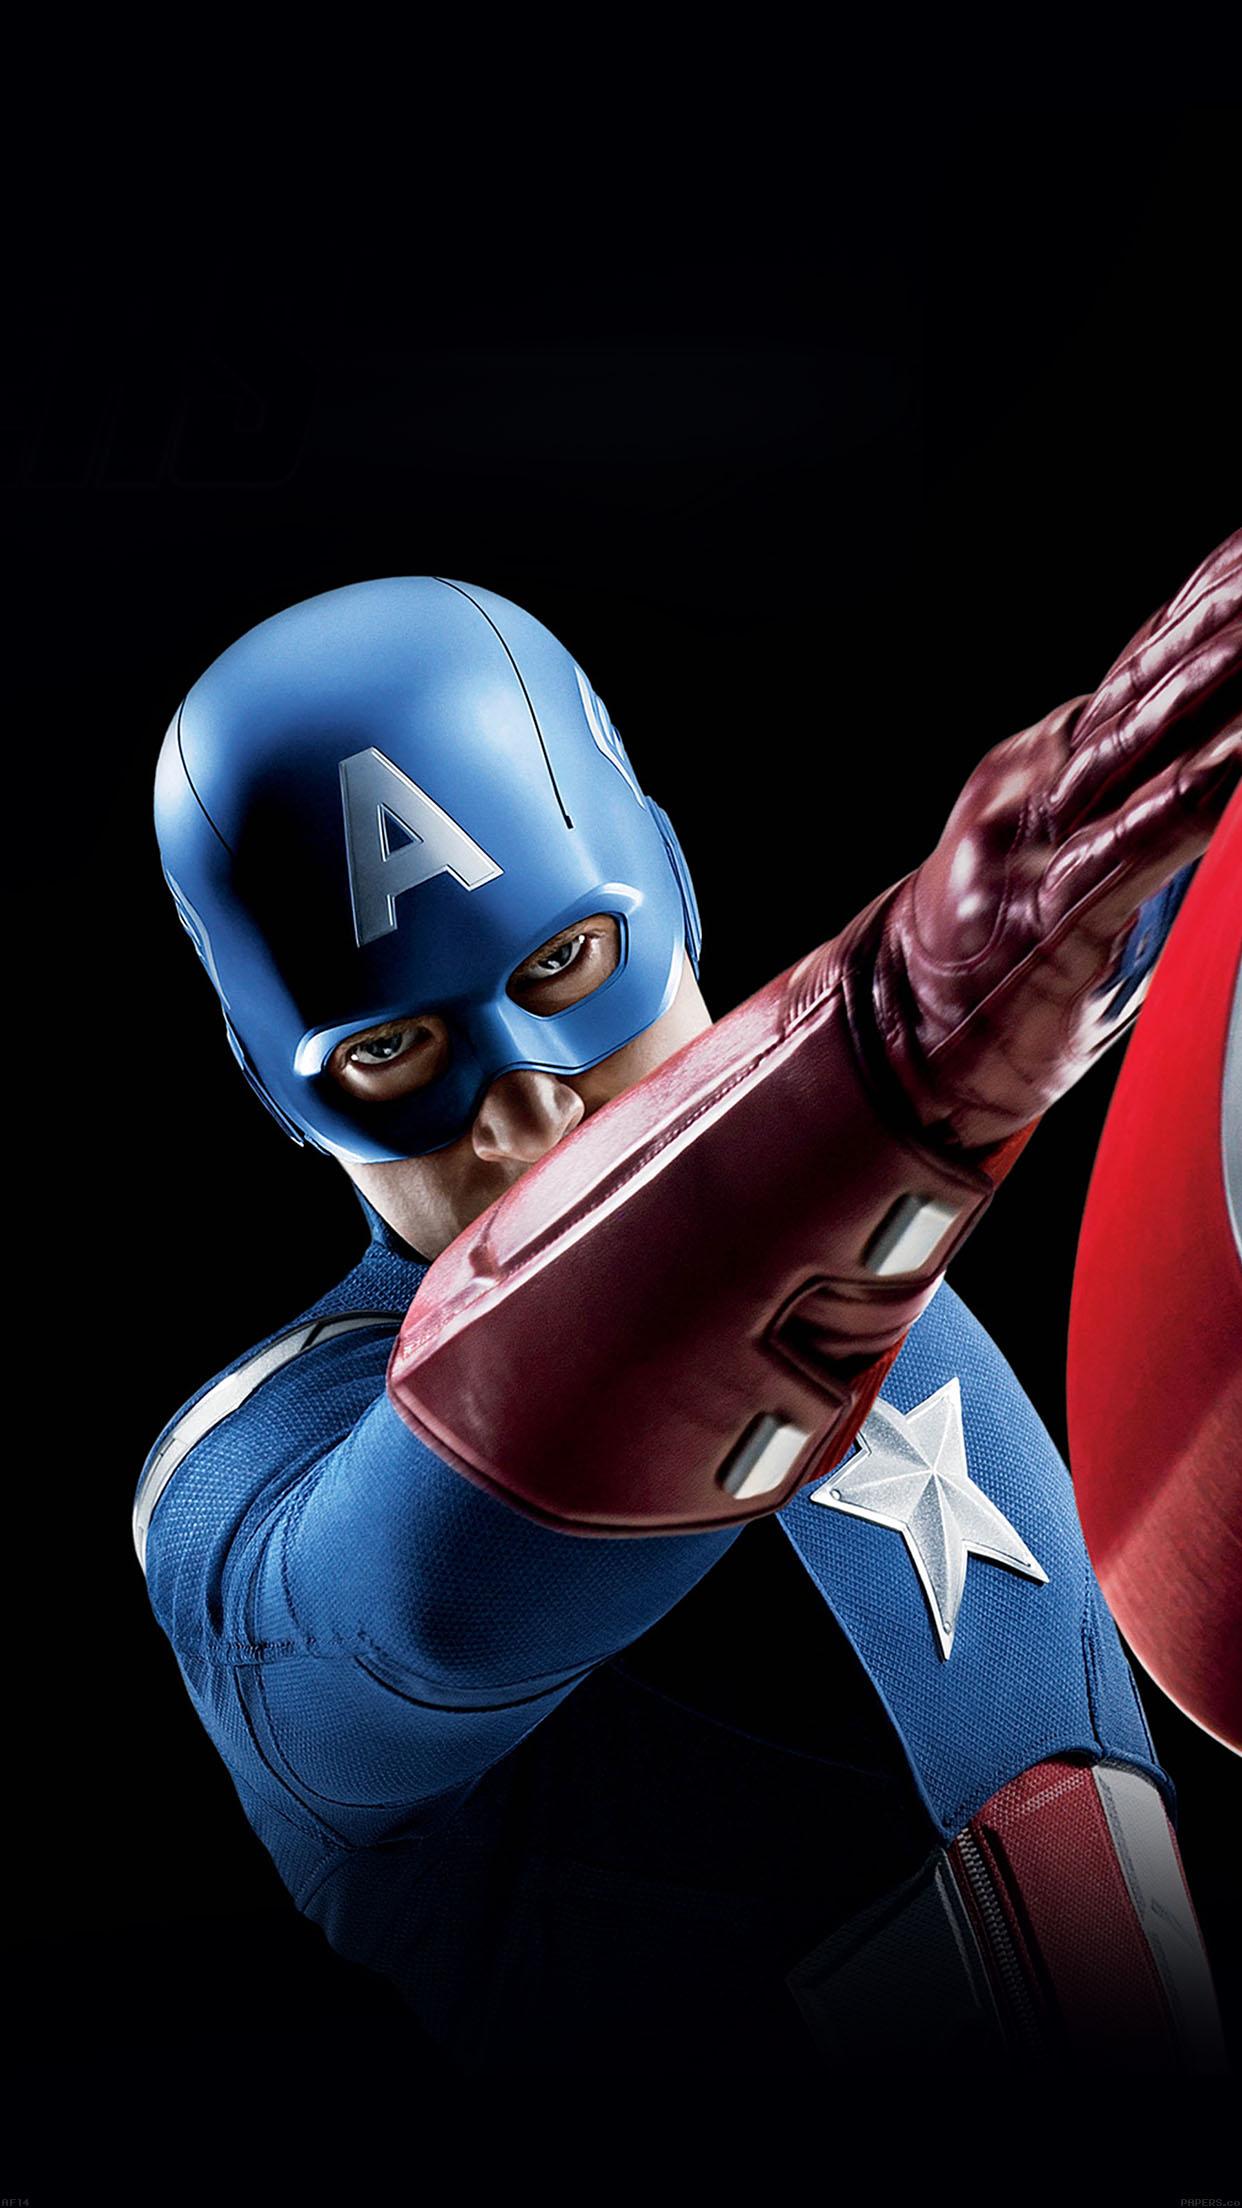 Moto G Plus >> af14-avengers-captain-america-illust-art-portrait - Papers.co